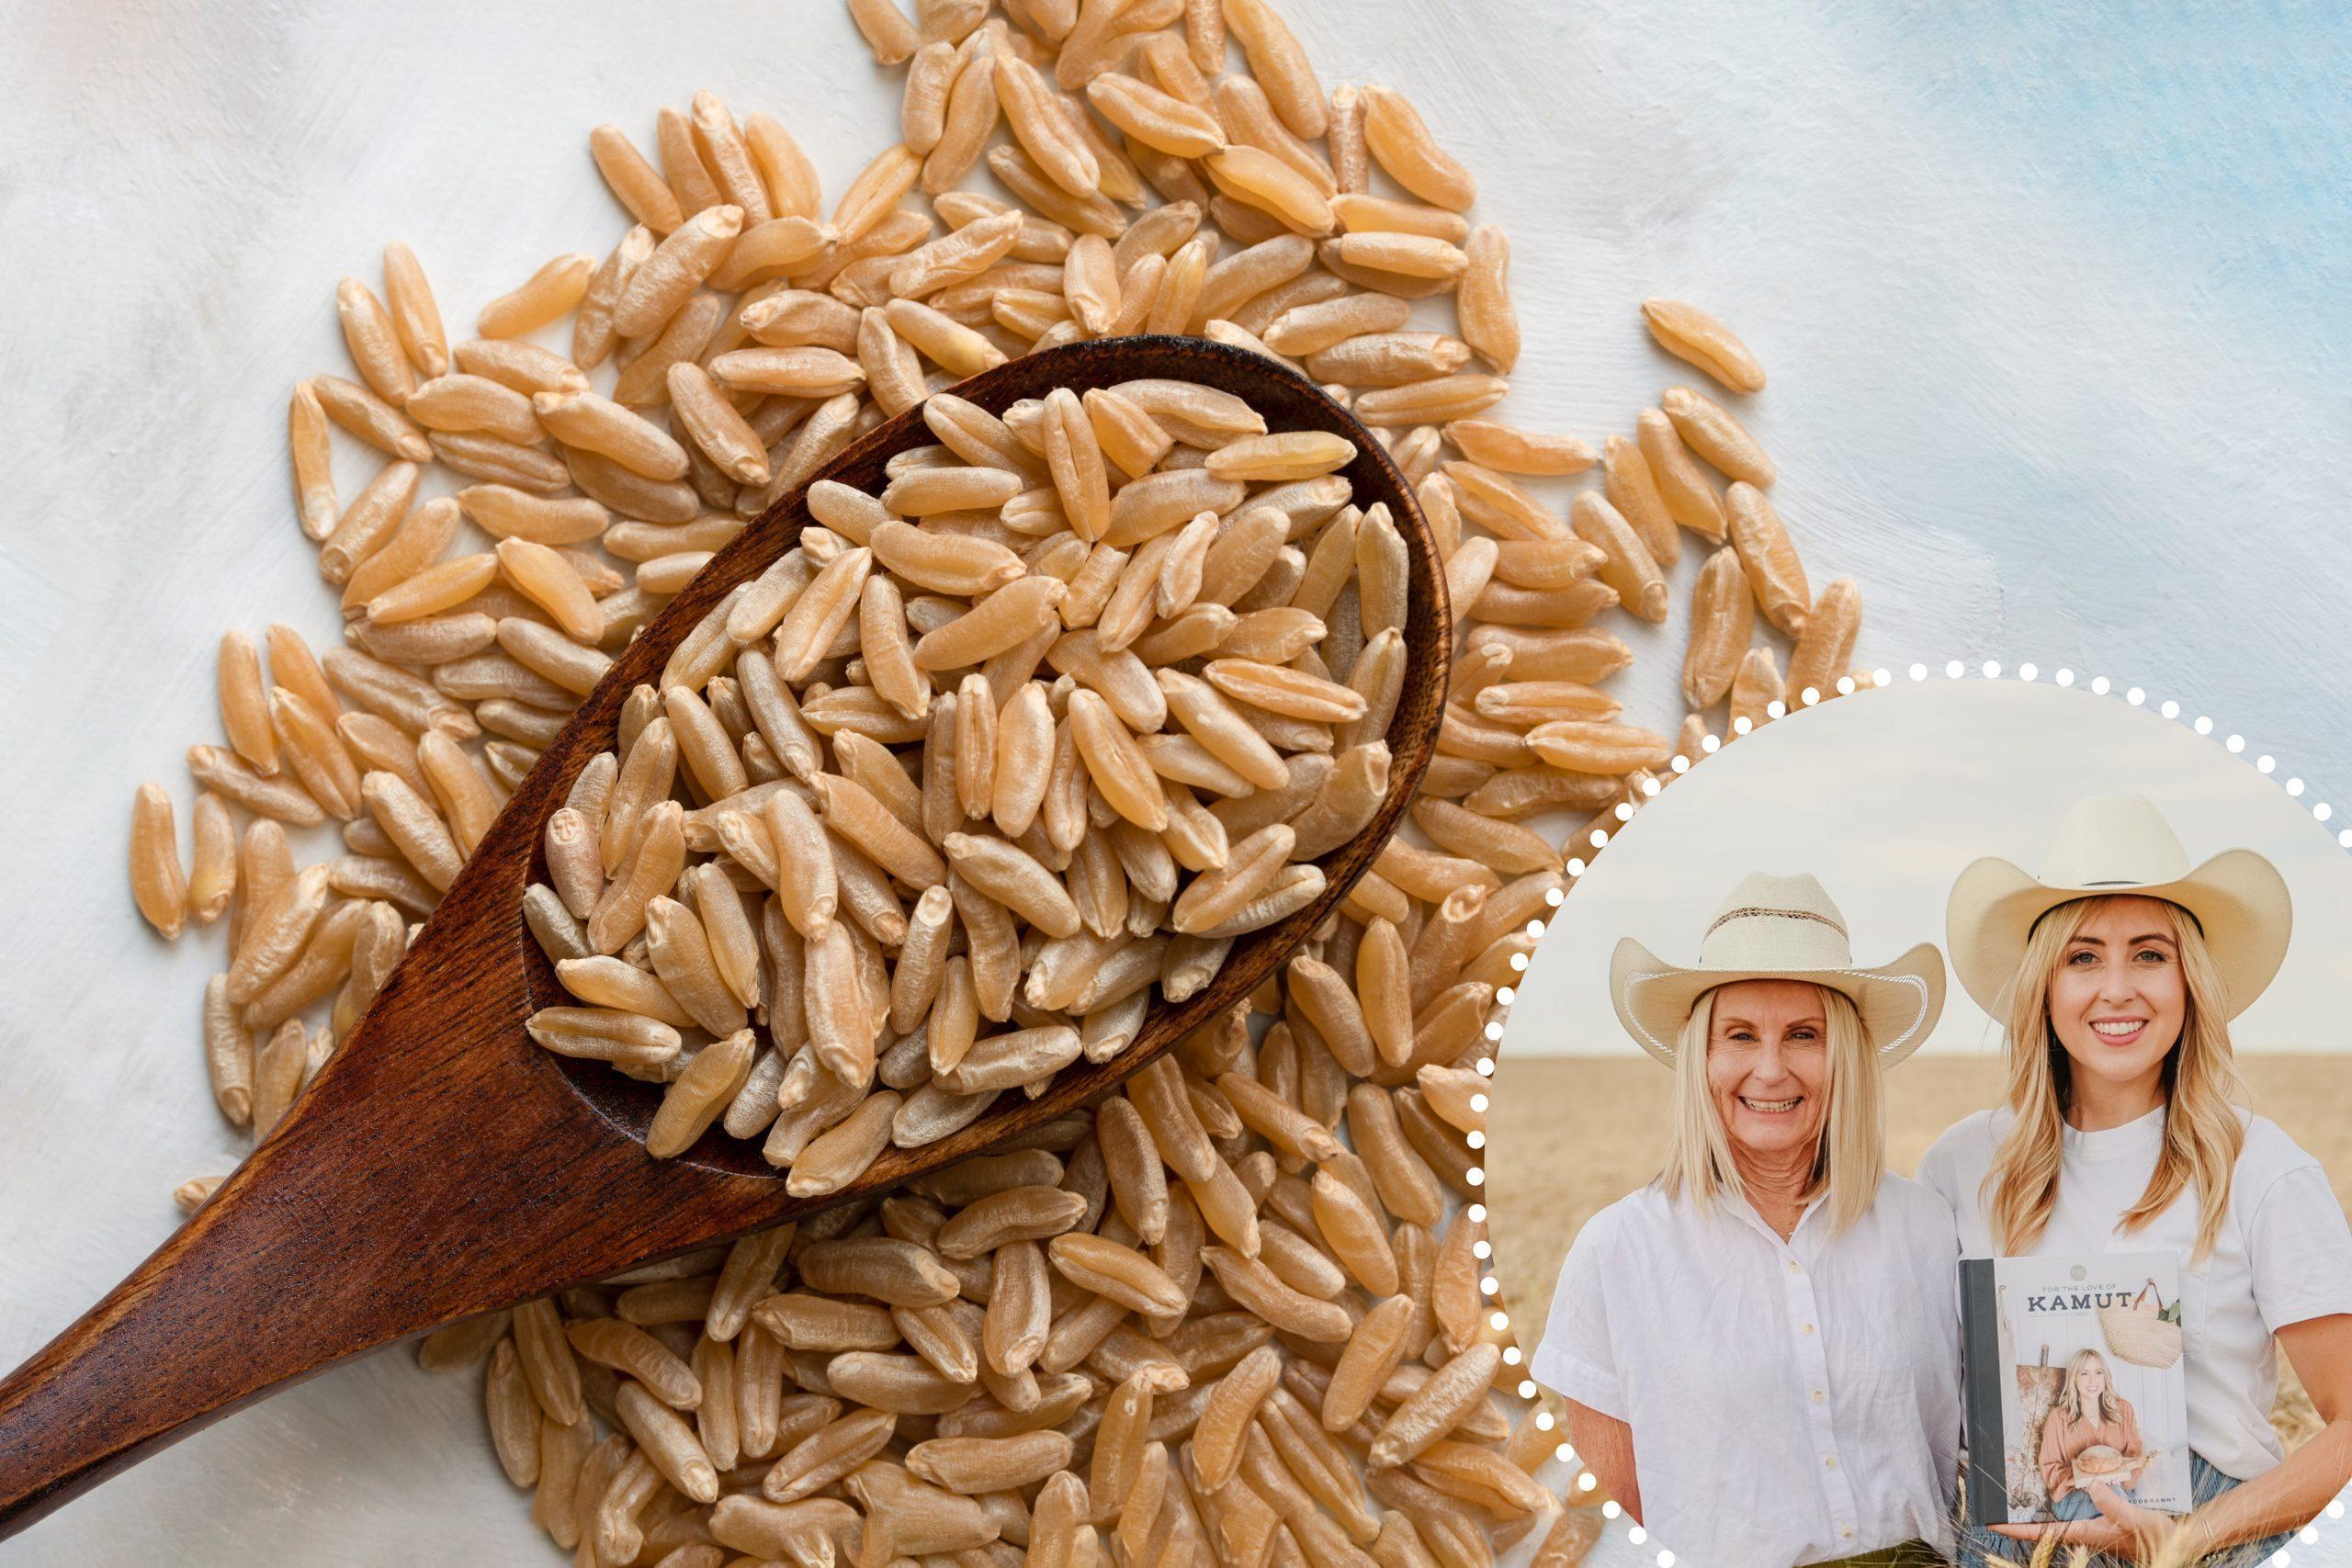 Grano Kamut crudo en una cuchara de madera